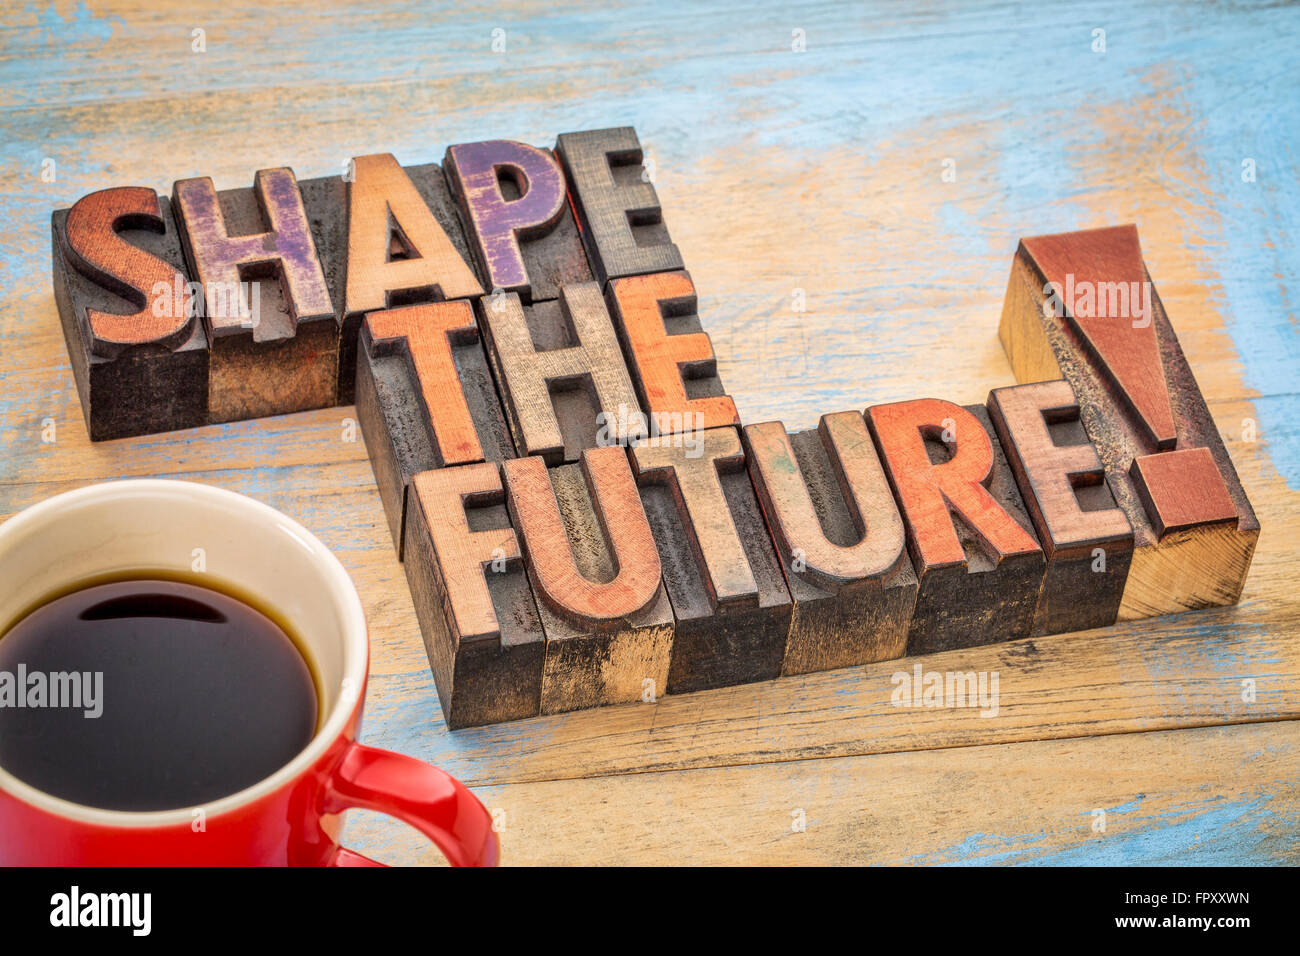 Gestalten Sie die Zukunft - motivierende Phrase im Vintage Buchdruck Holzart Blöcke durch Farbe Farben gebeizt Stockbild